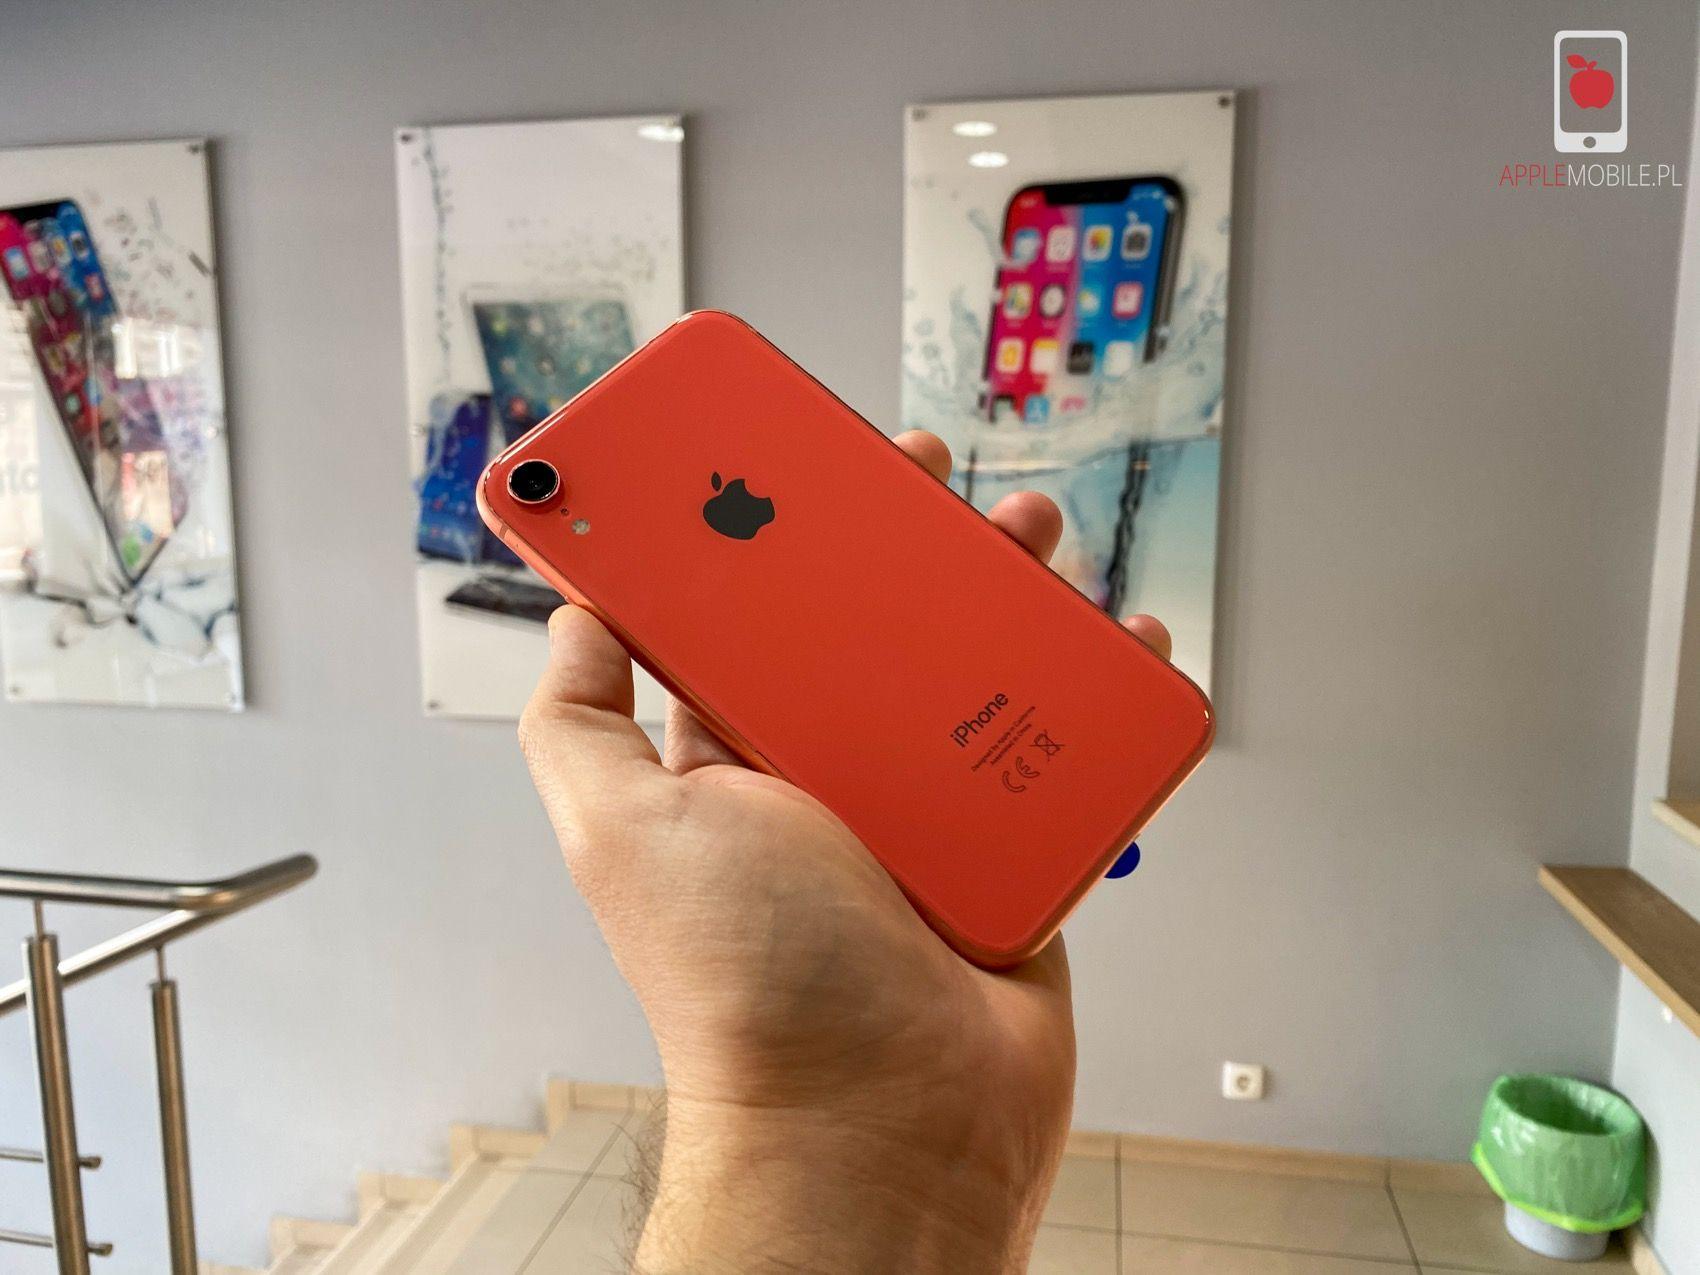 Wymiana ekranu w iPhone Xr zajmuje około 30 minut wraz z programowaniem i kalibracją. Na wymianę tylnej szklanej pokrywy potrzebujemy około 3-5 godzin.